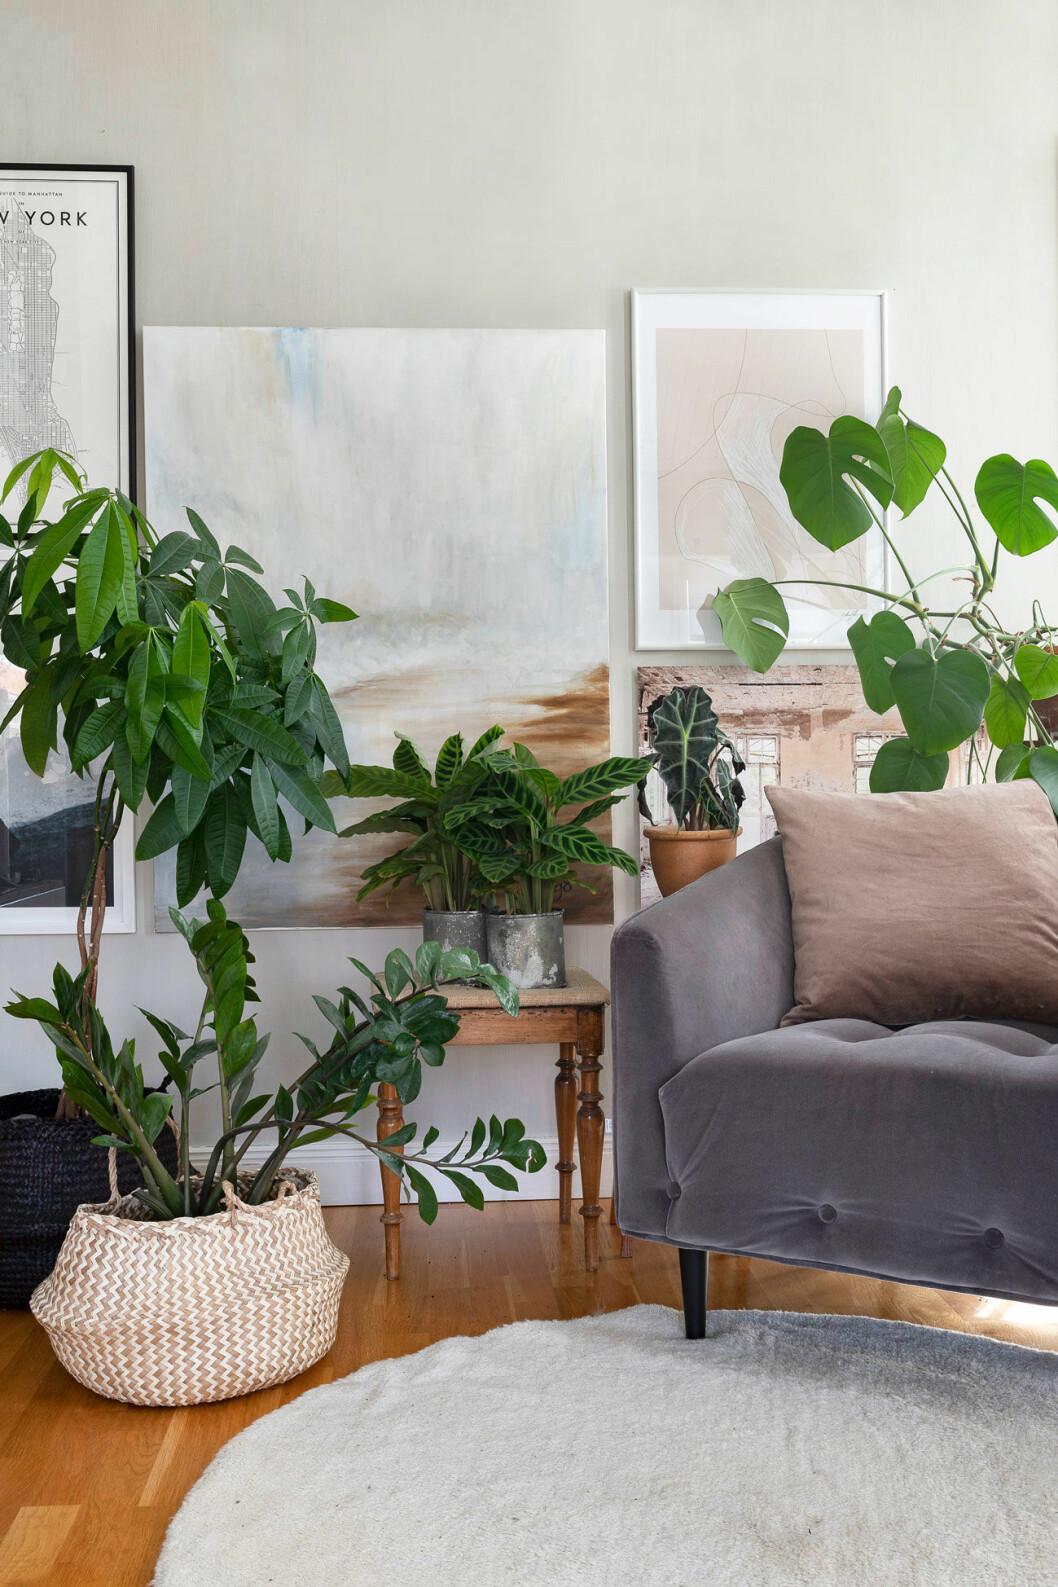 Skapa många gröna hörn i hemmet med hjälp av gröna växter. Garderobsblomma, strandkastanj, strimblad, amazonsköld och monstera bjuder alla på dekorativa blad. Garderobsblomma och även strimblad trivs bra även i rummet mörkaste delar.